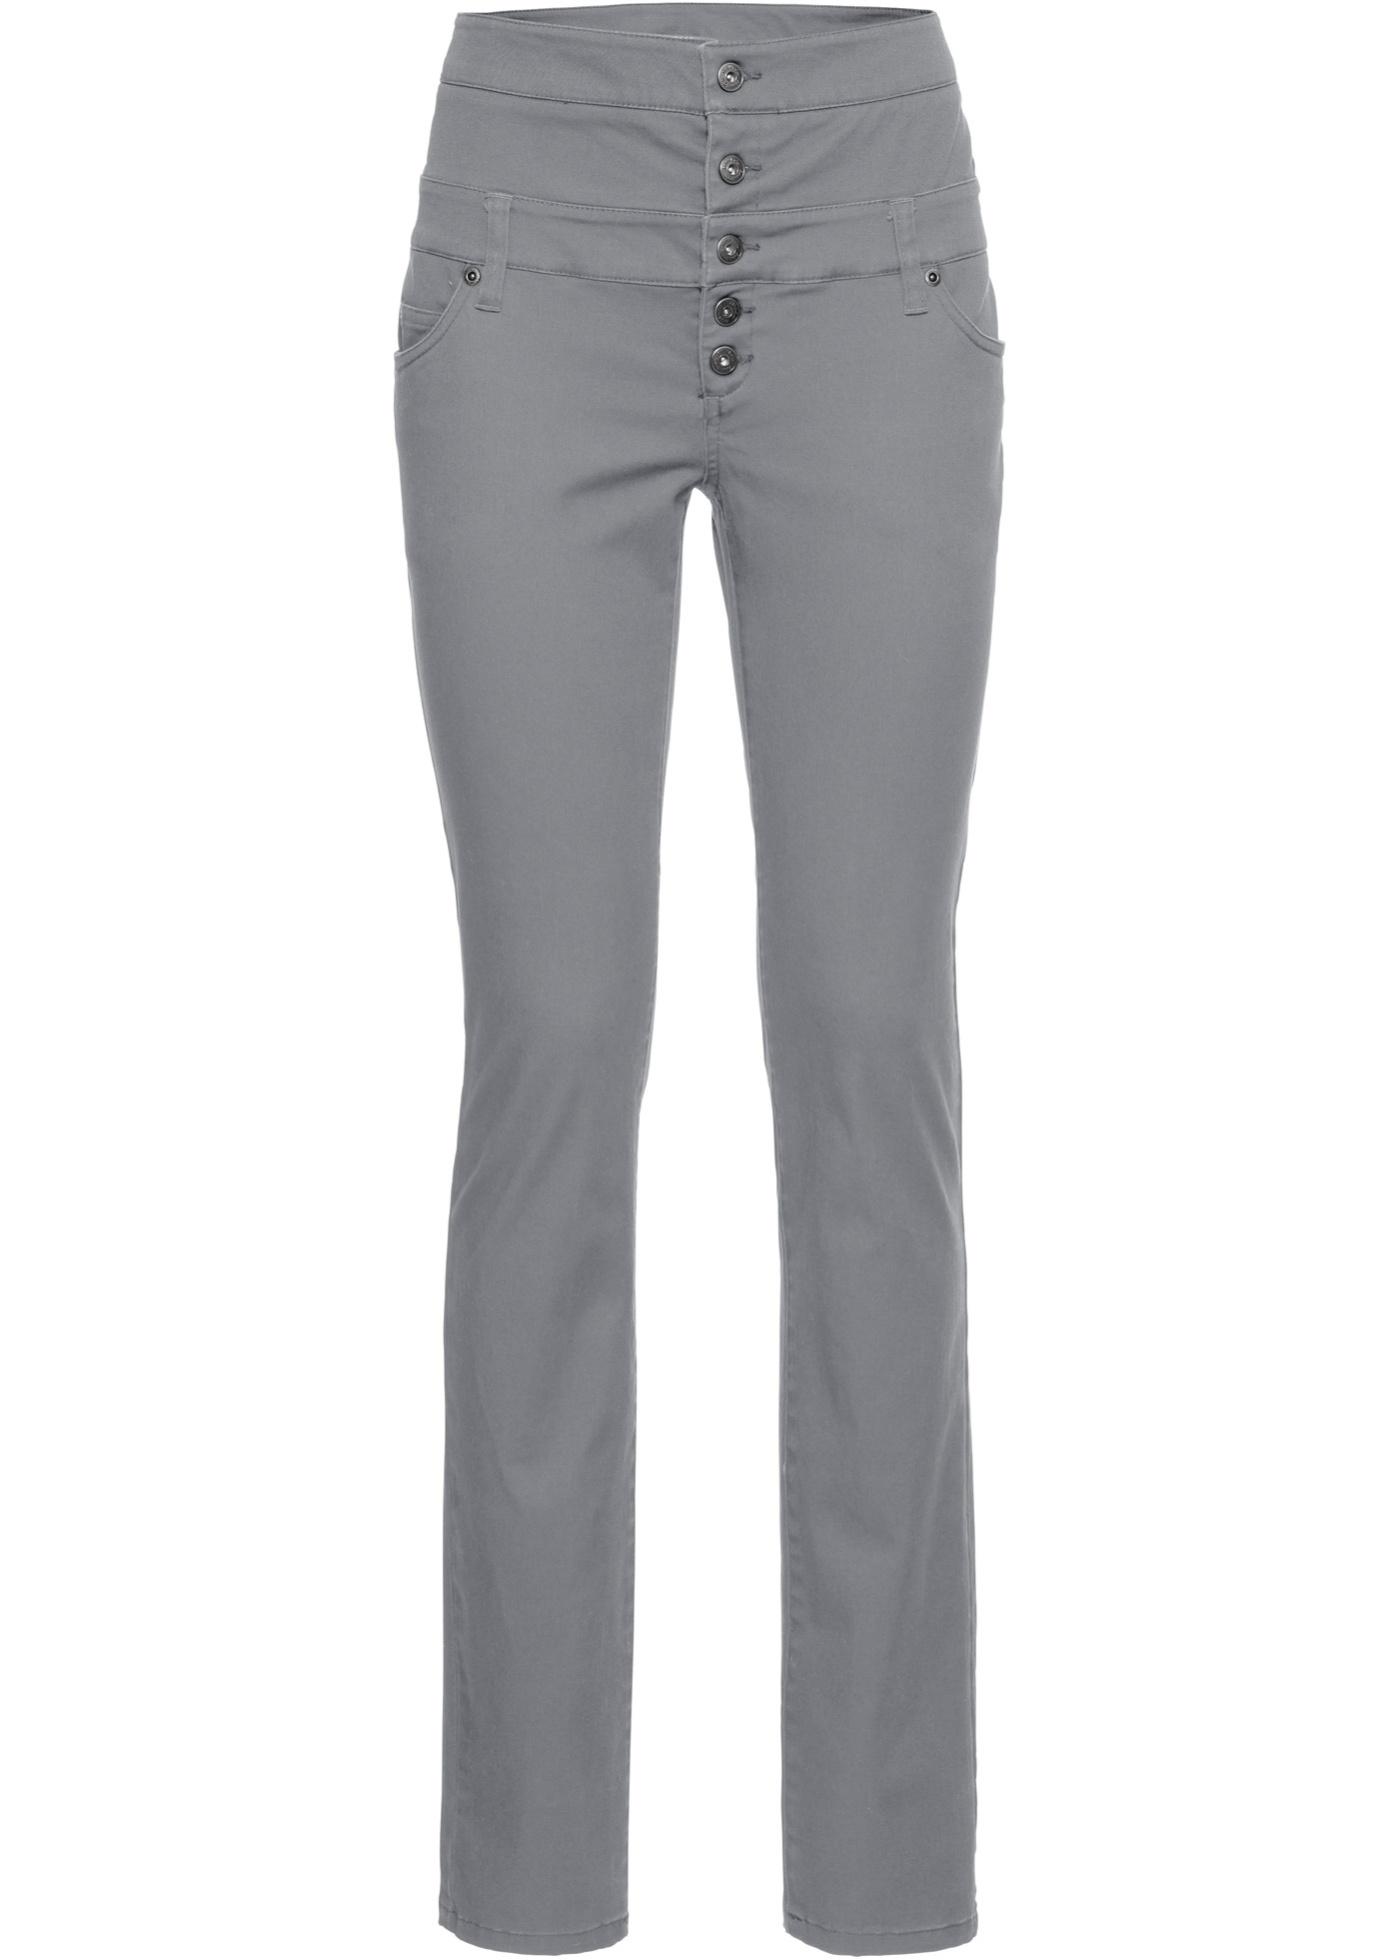 Strečové kalhoty Skinny - Šedá